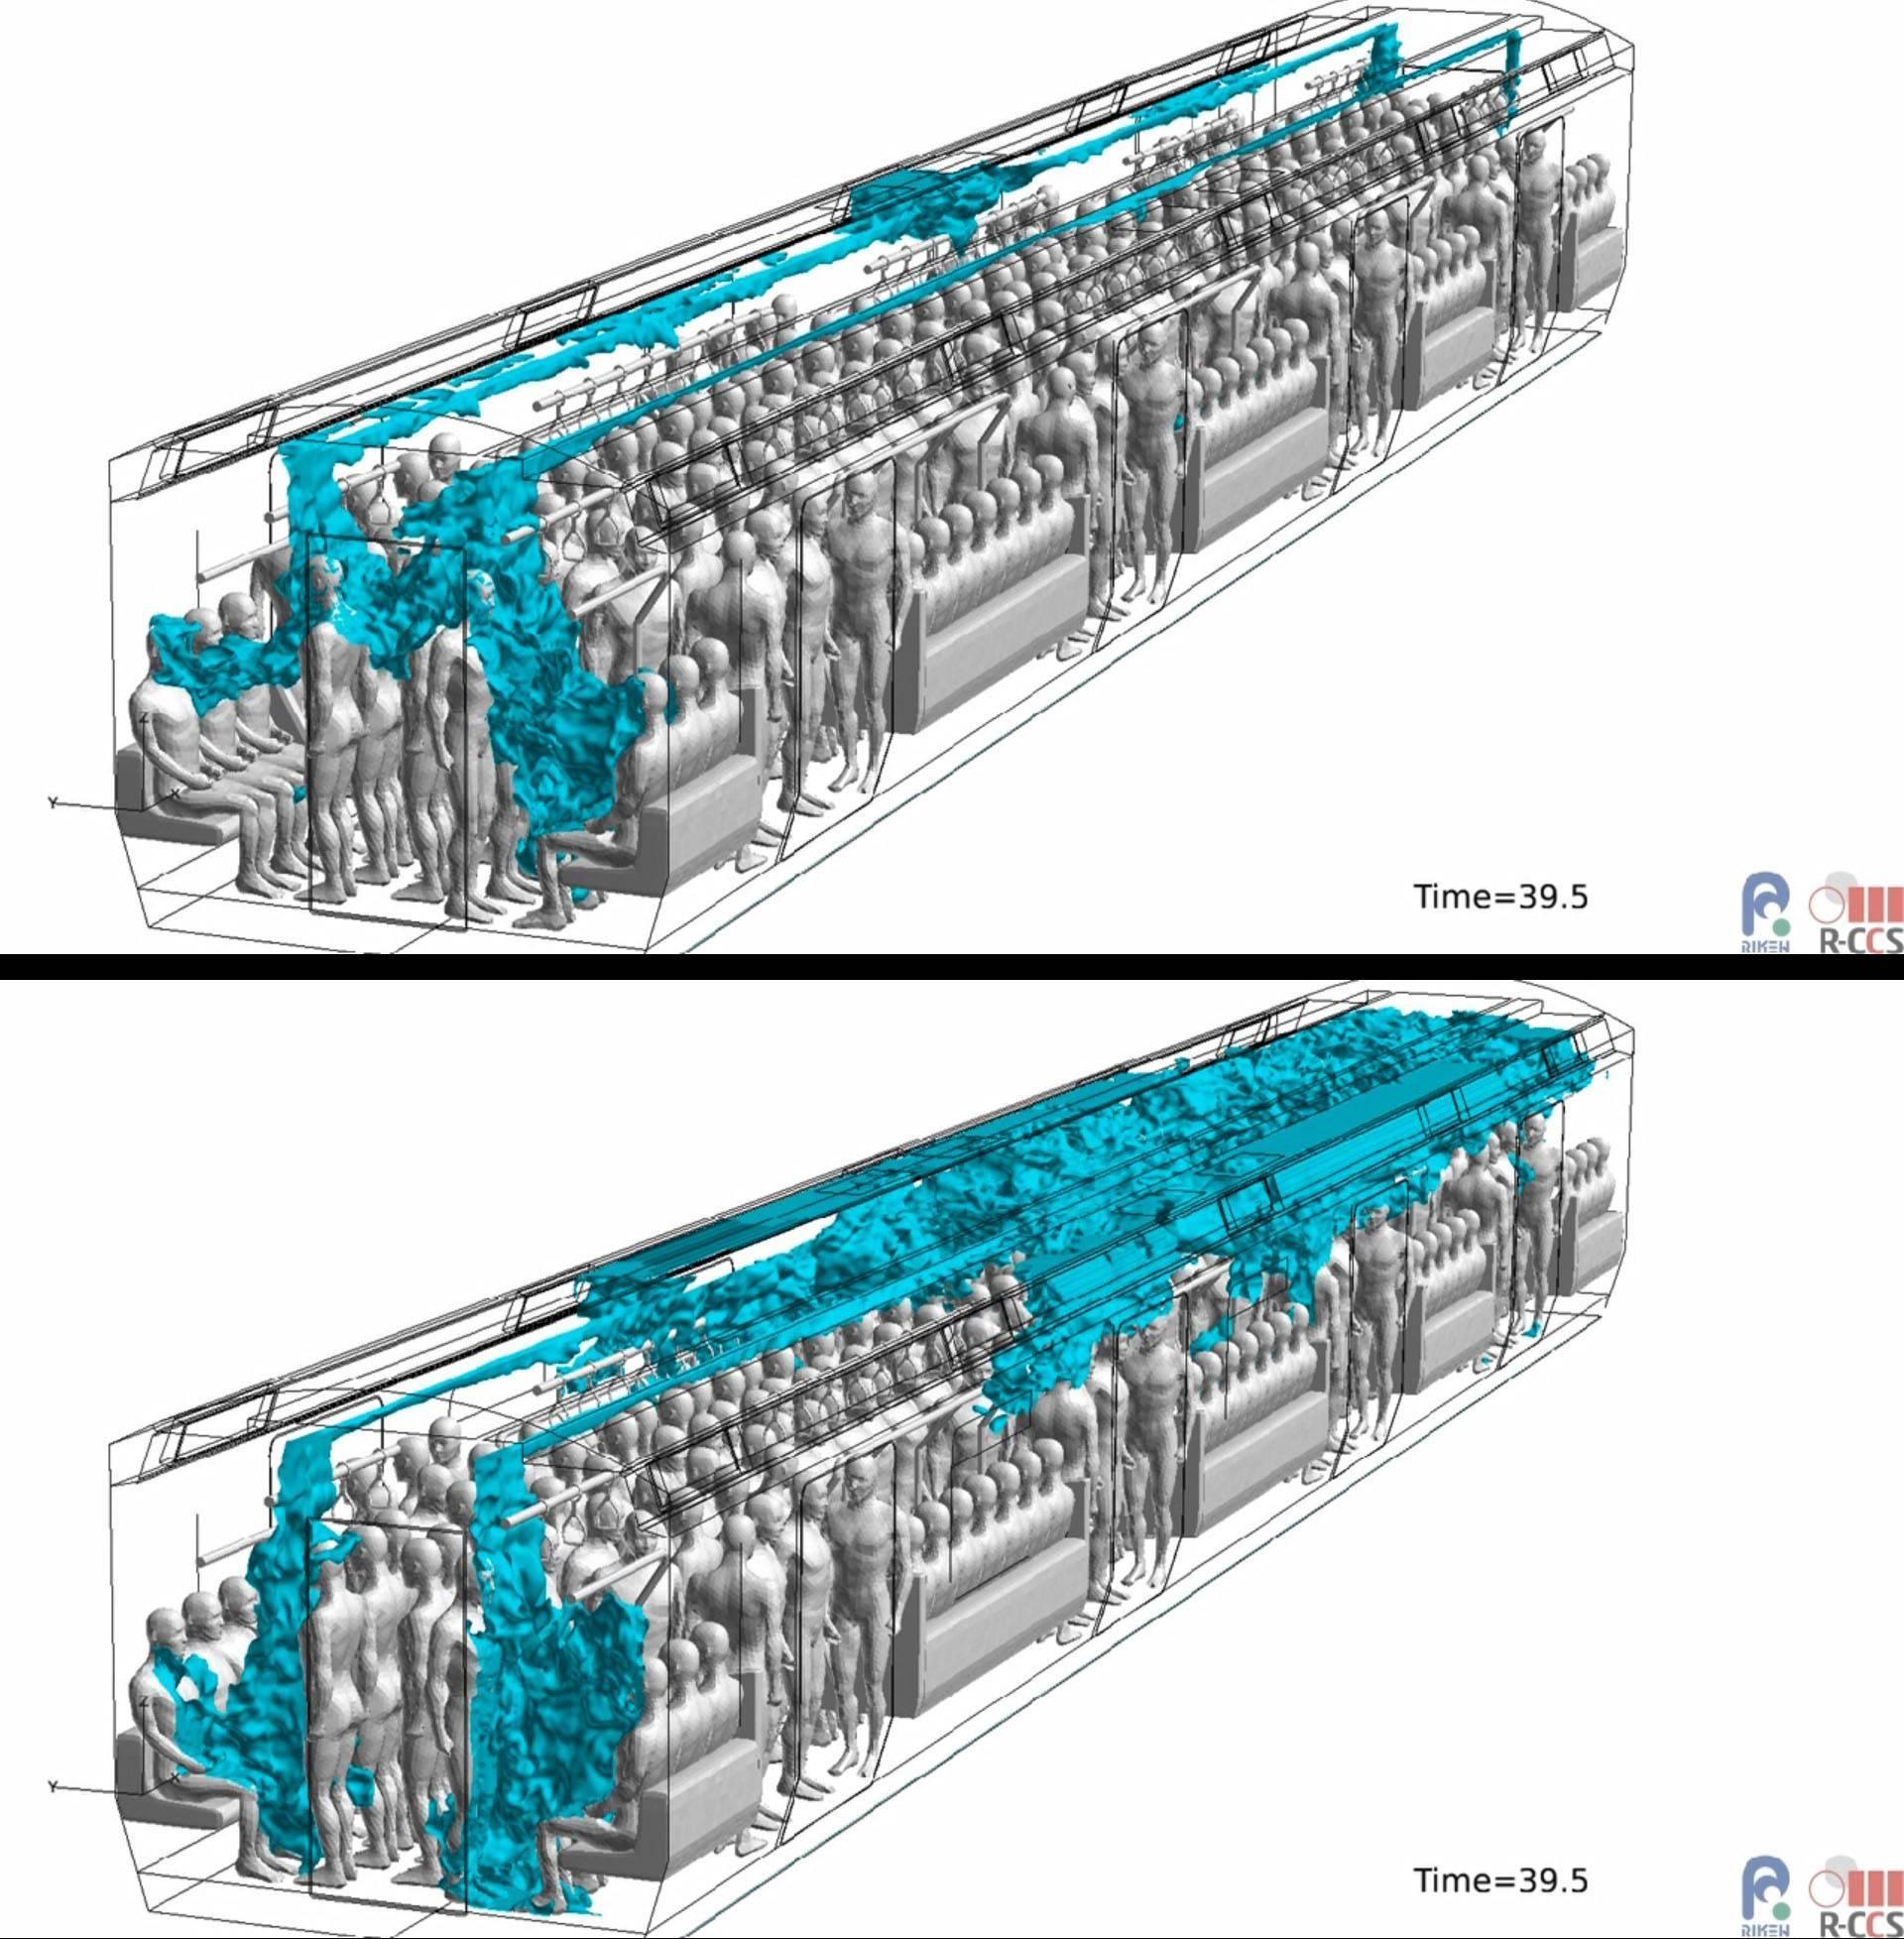 Perbedaan tingkat ventilasi udara dalam kereta dengan jendela terbuka (atas) dan tertutup (di bawah), seperti yang ditunjukkan oleh simulasi yang dilakukan menggunakan model yang digerakkan supercomputer